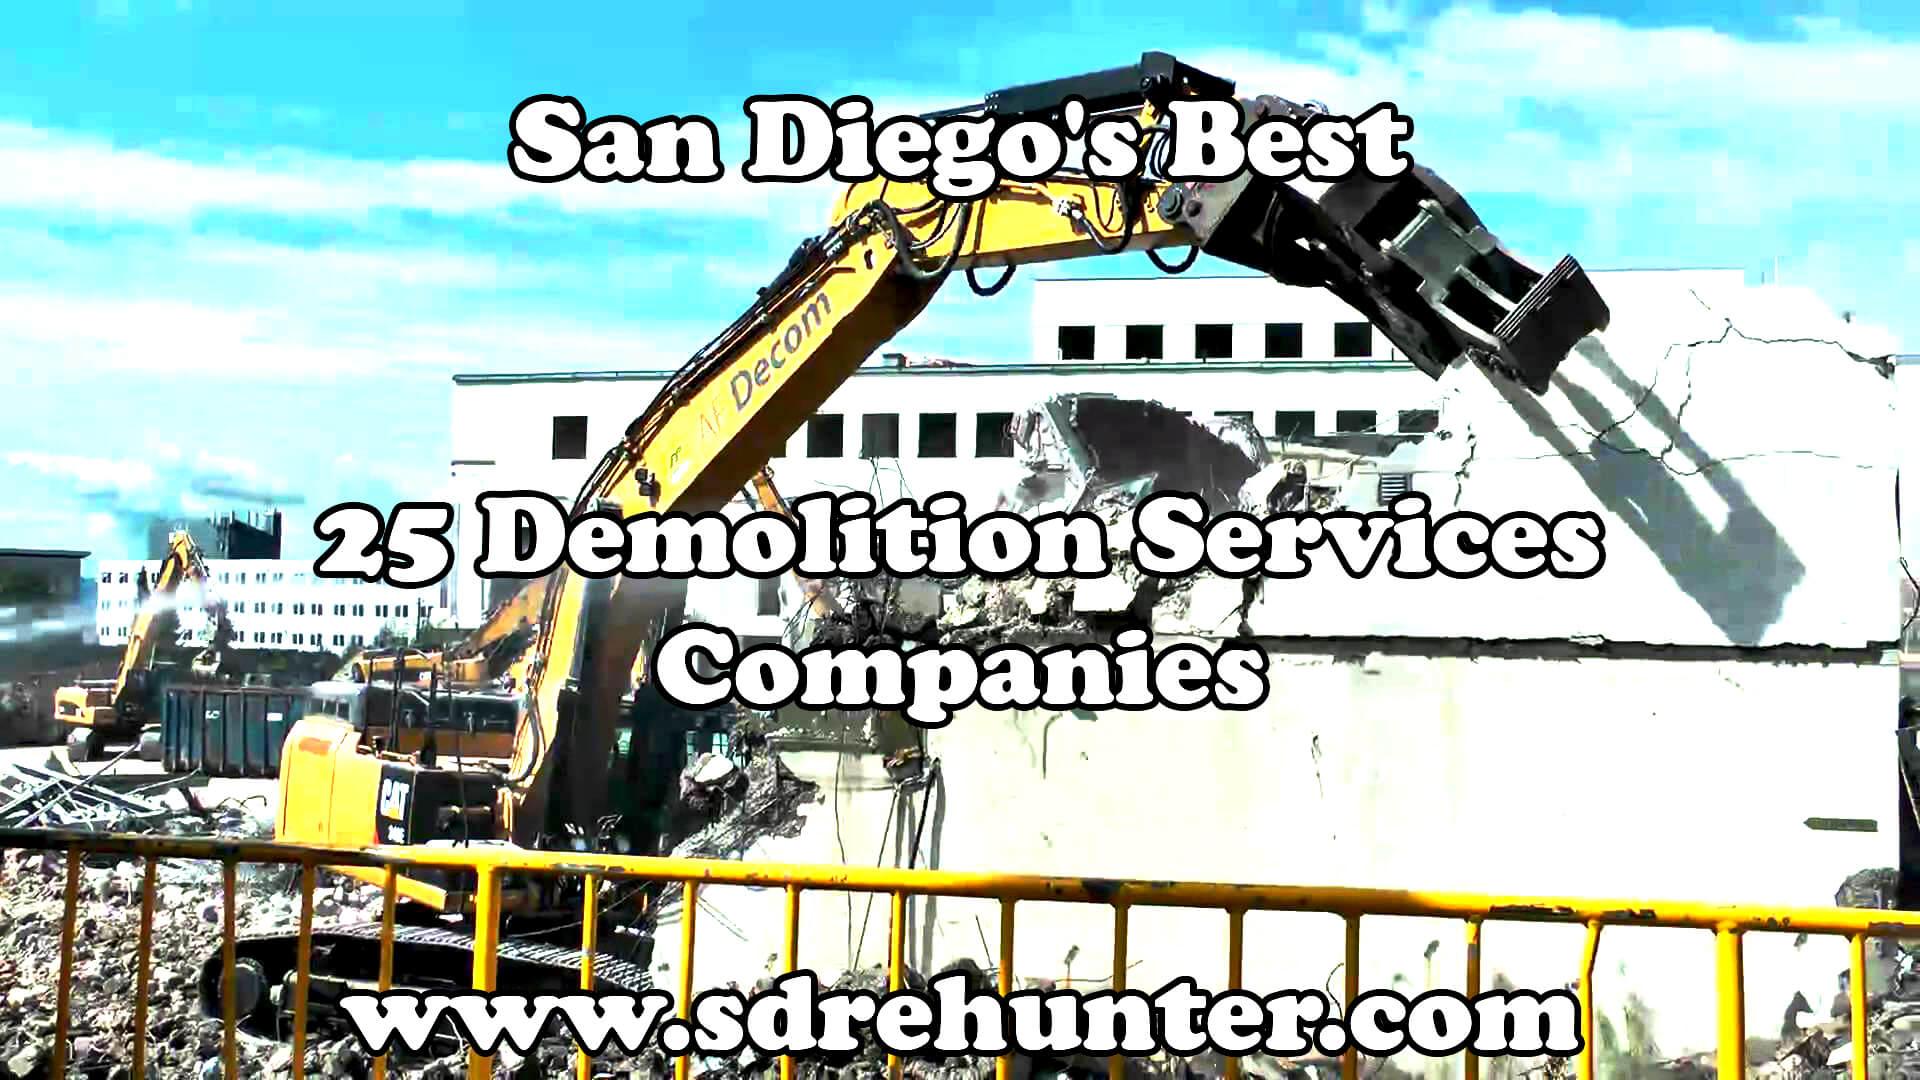 Best dating service san diego